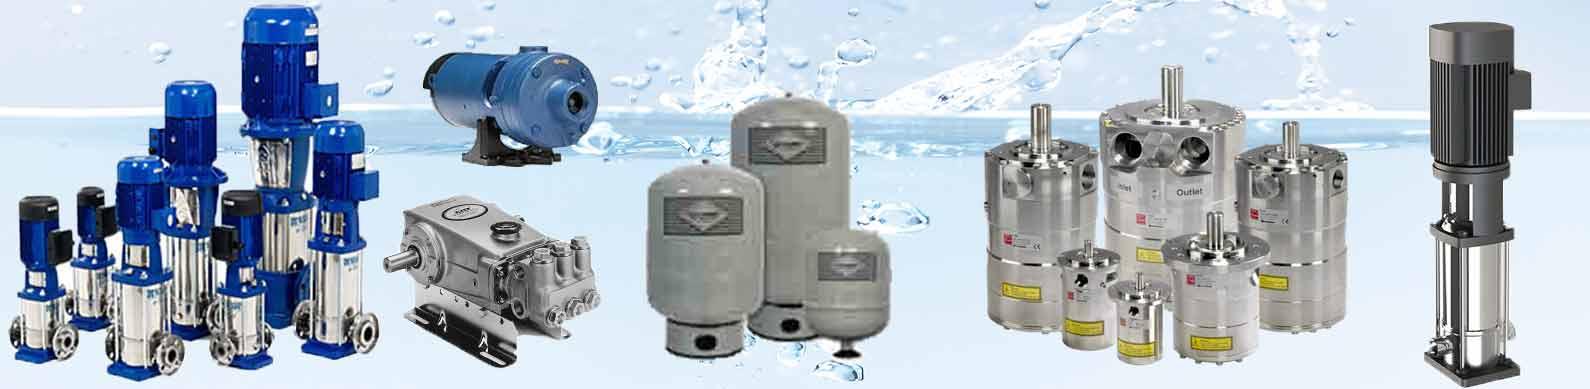 pompes-a-eau-commerciales.jpg